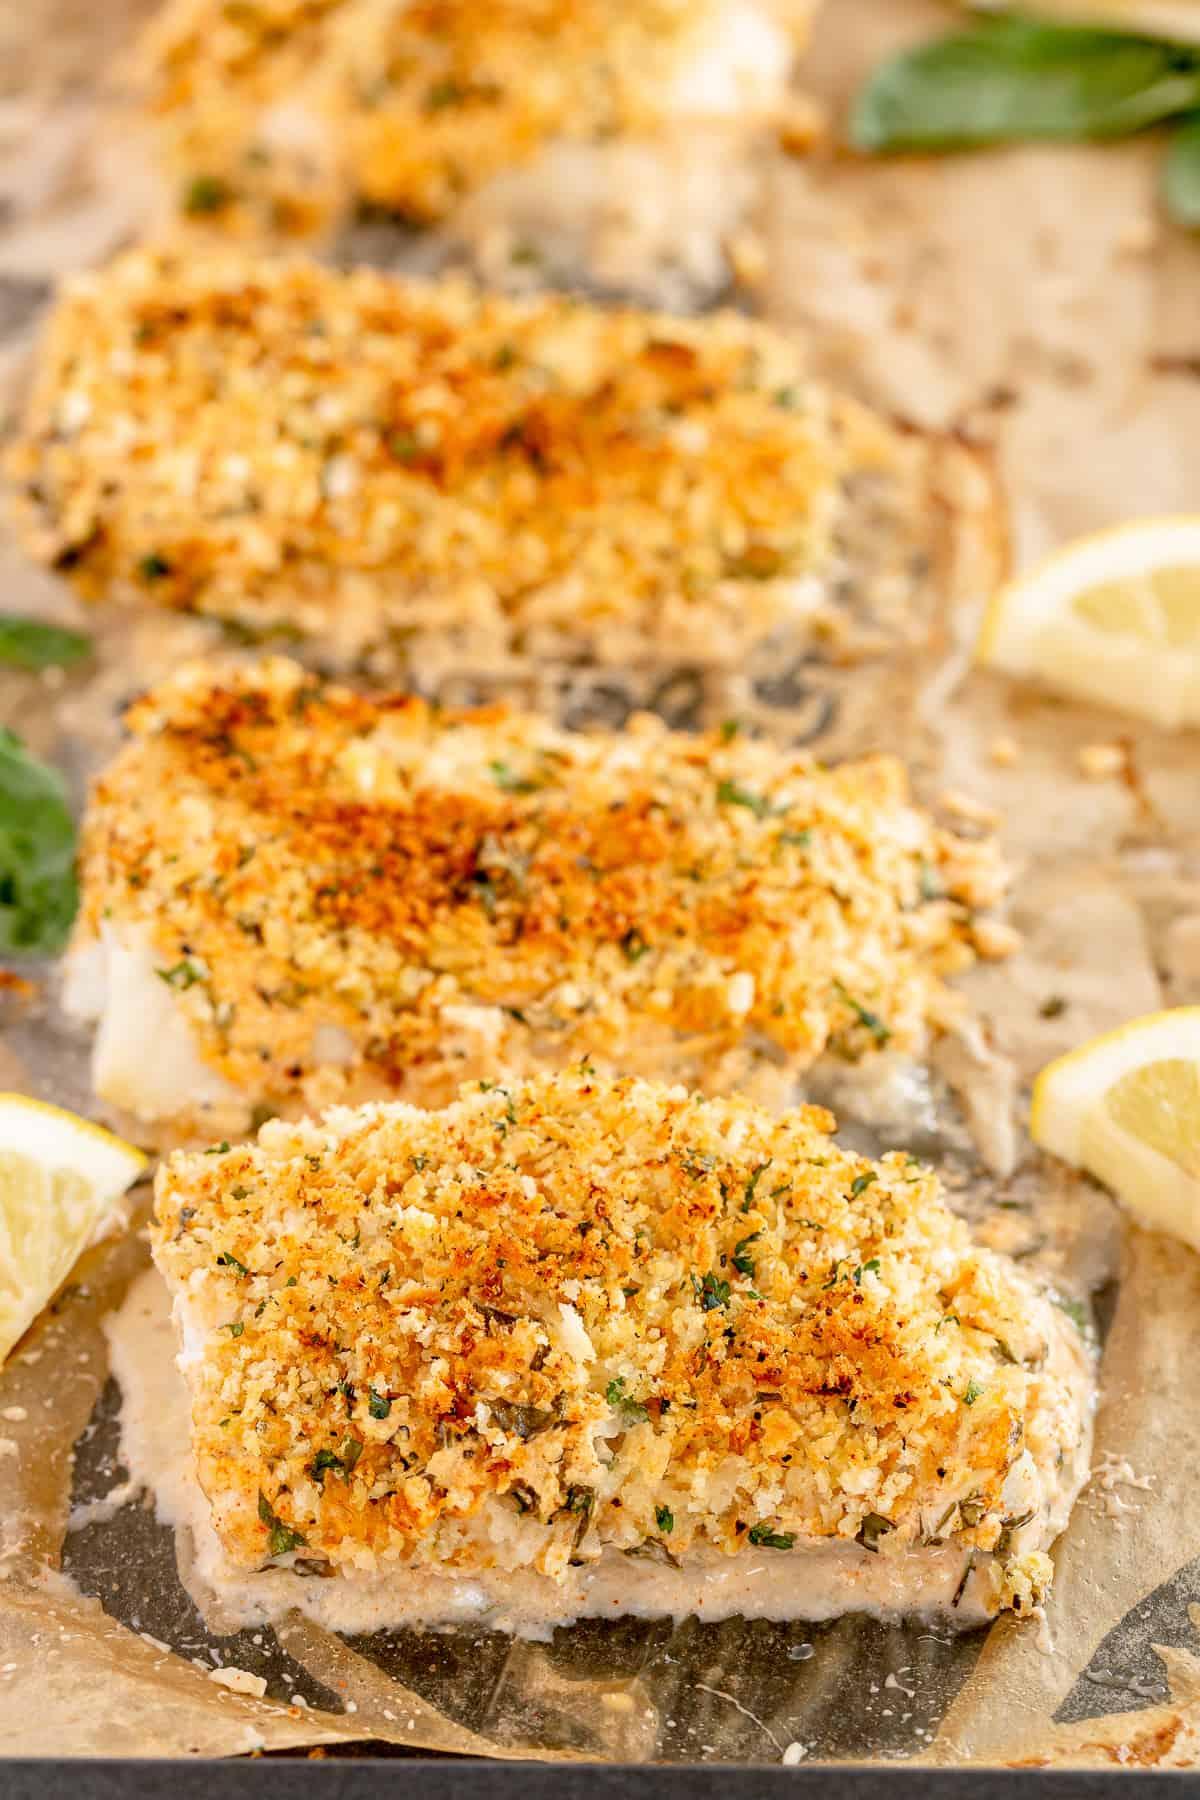 Four Lemon Basil Cod Fillets lined up on a baking sheet.